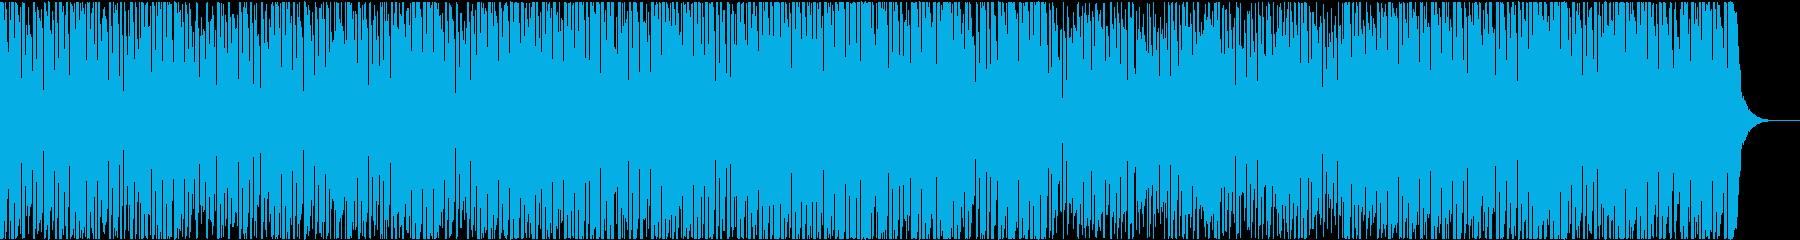 News6 16bit44kHzVerの再生済みの波形